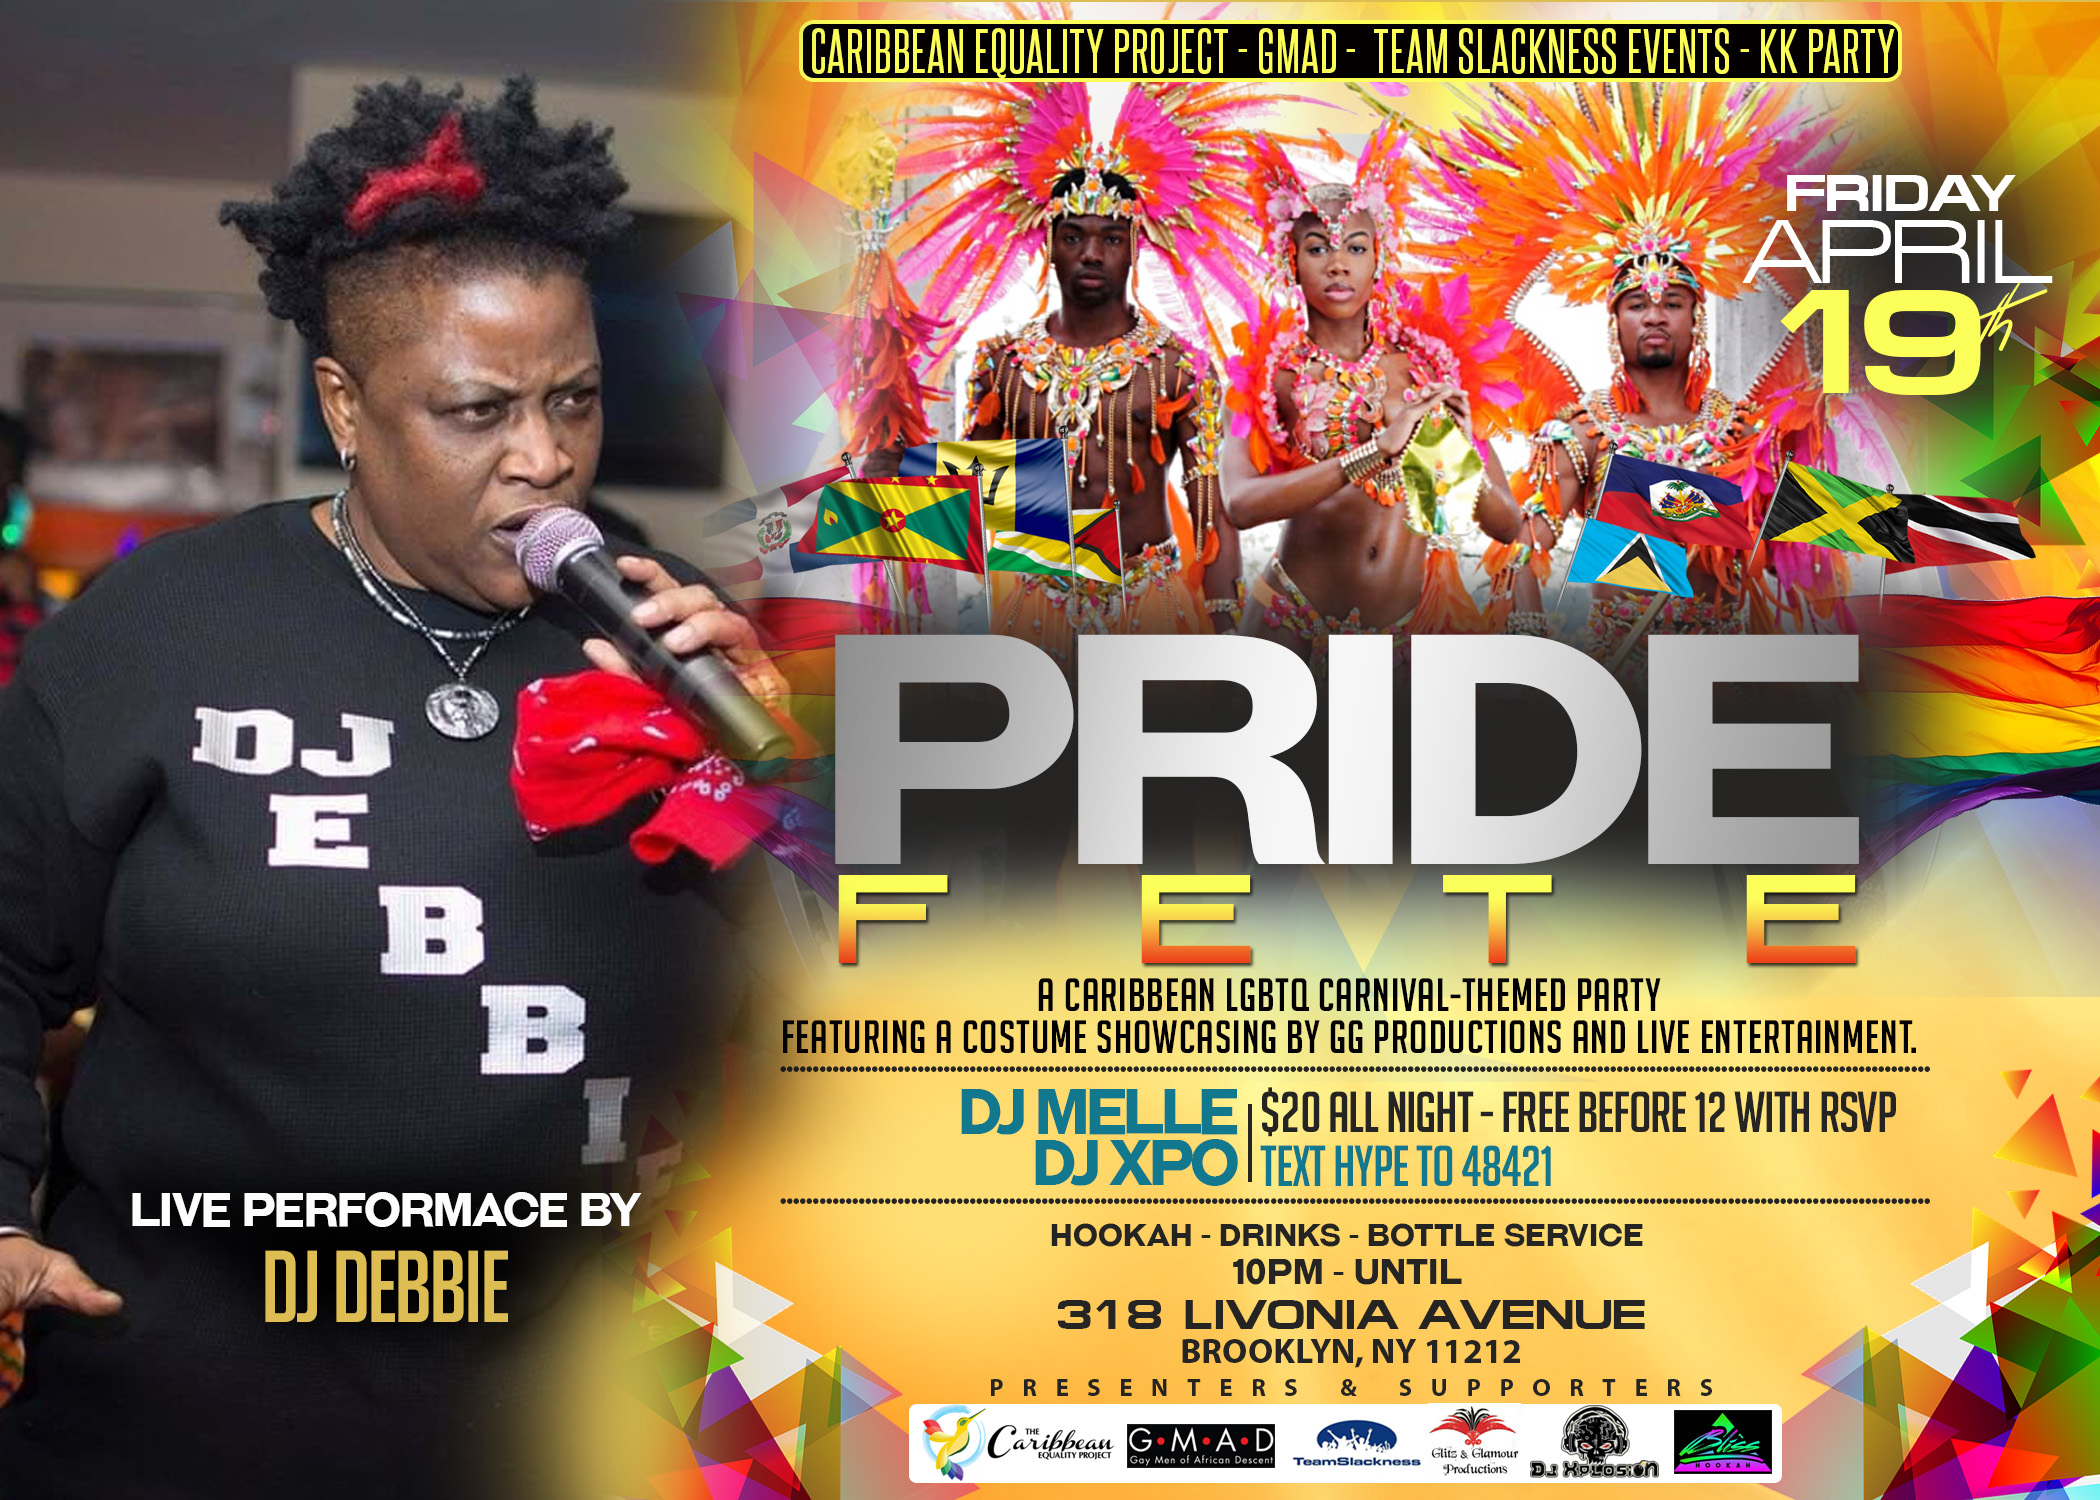 Pride Fete_FRONT_HOST_DEBBIE.jpg